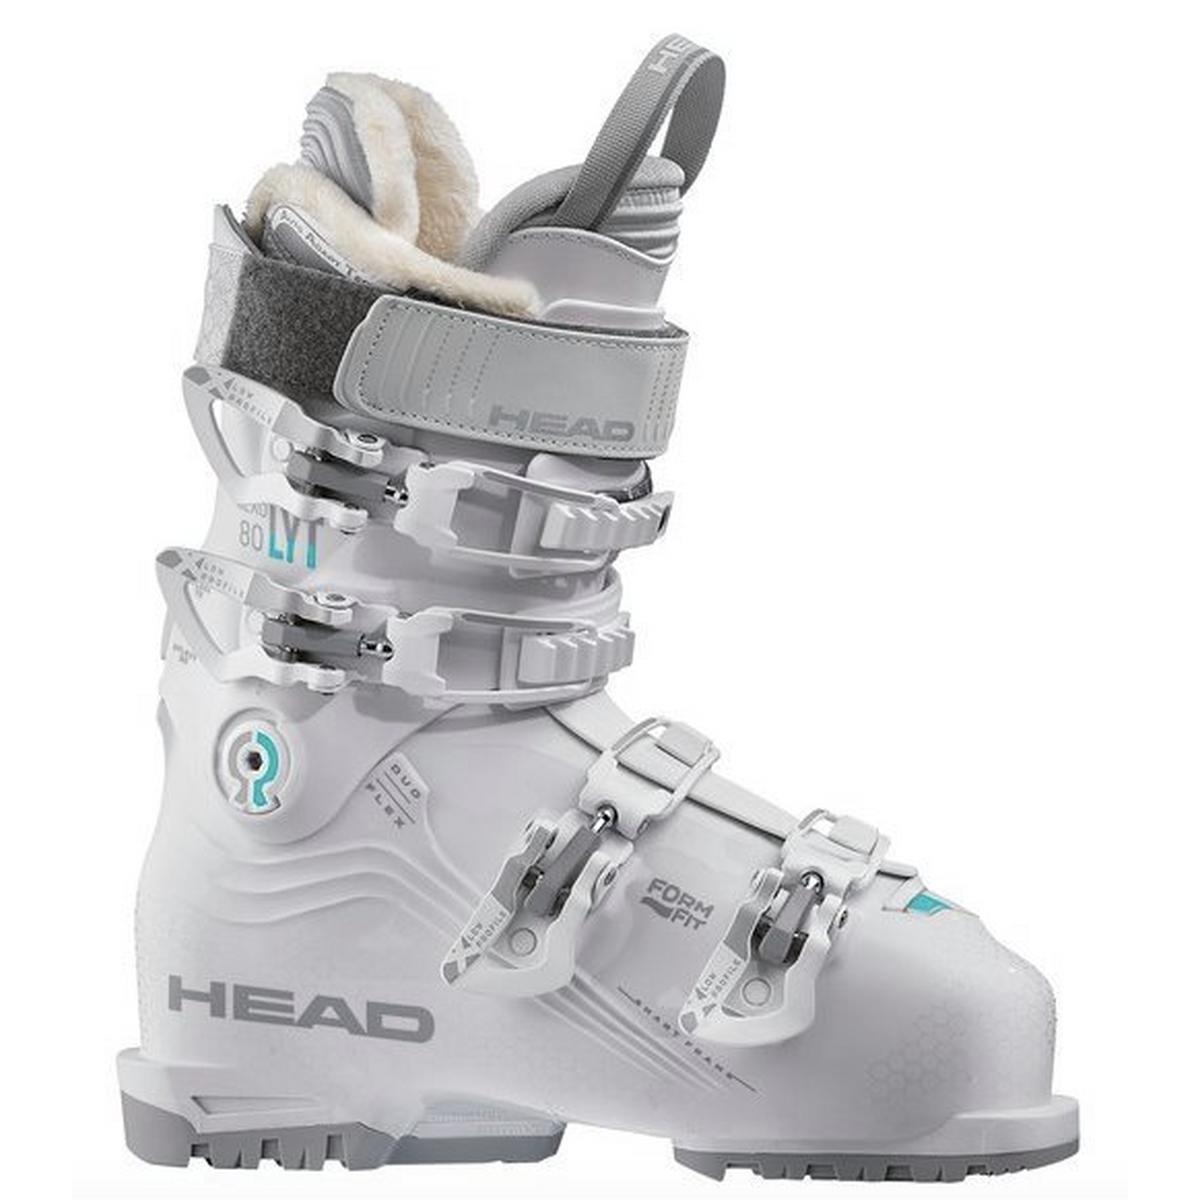 Head Women's NEXO LYT 80 Ski Boot - White